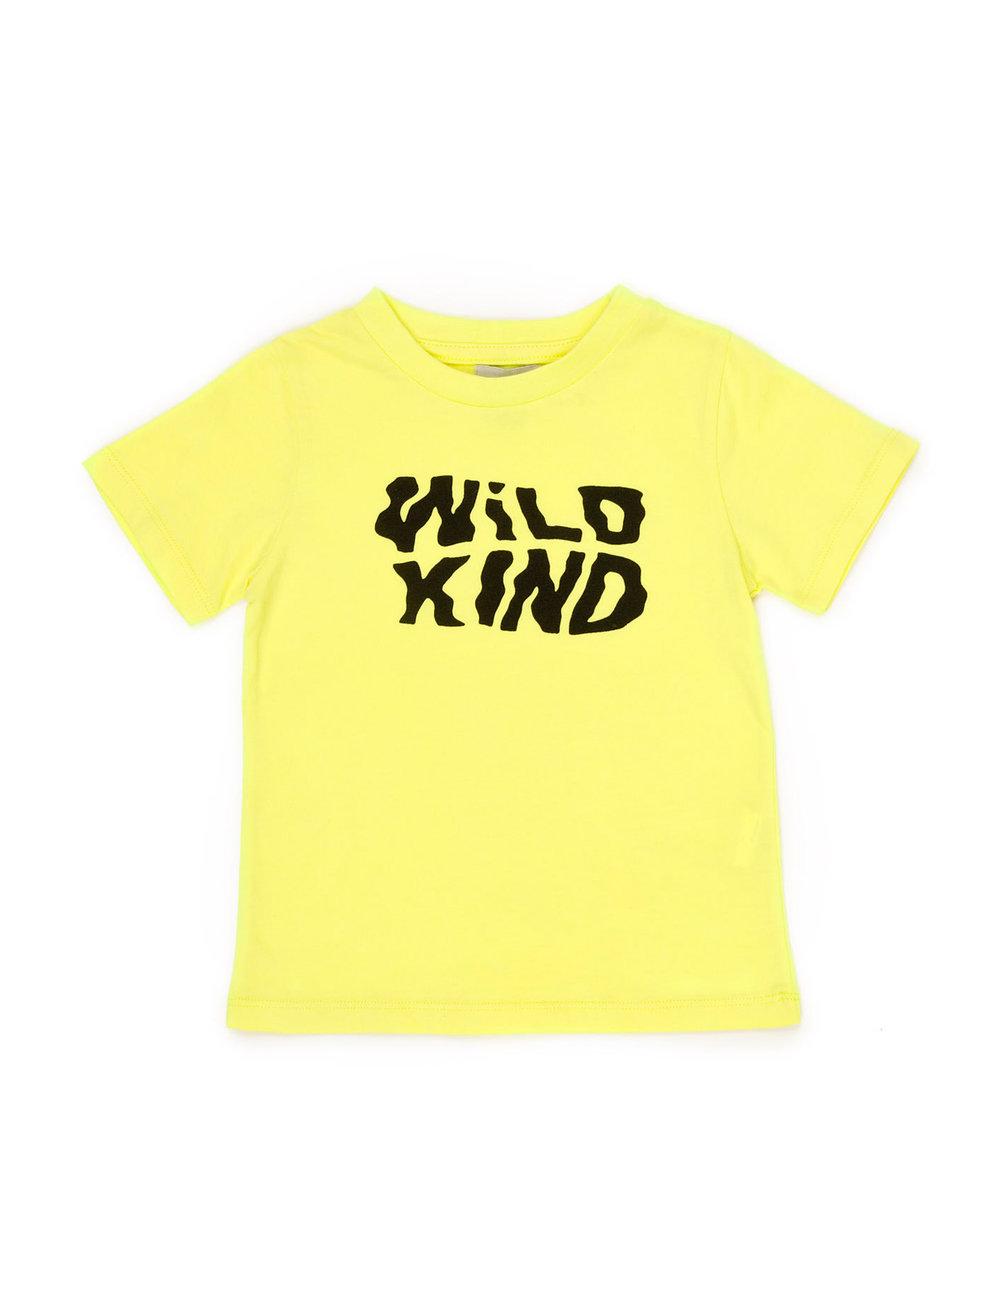 Beatrice_tshirt_yellow_baby_29€.jpg